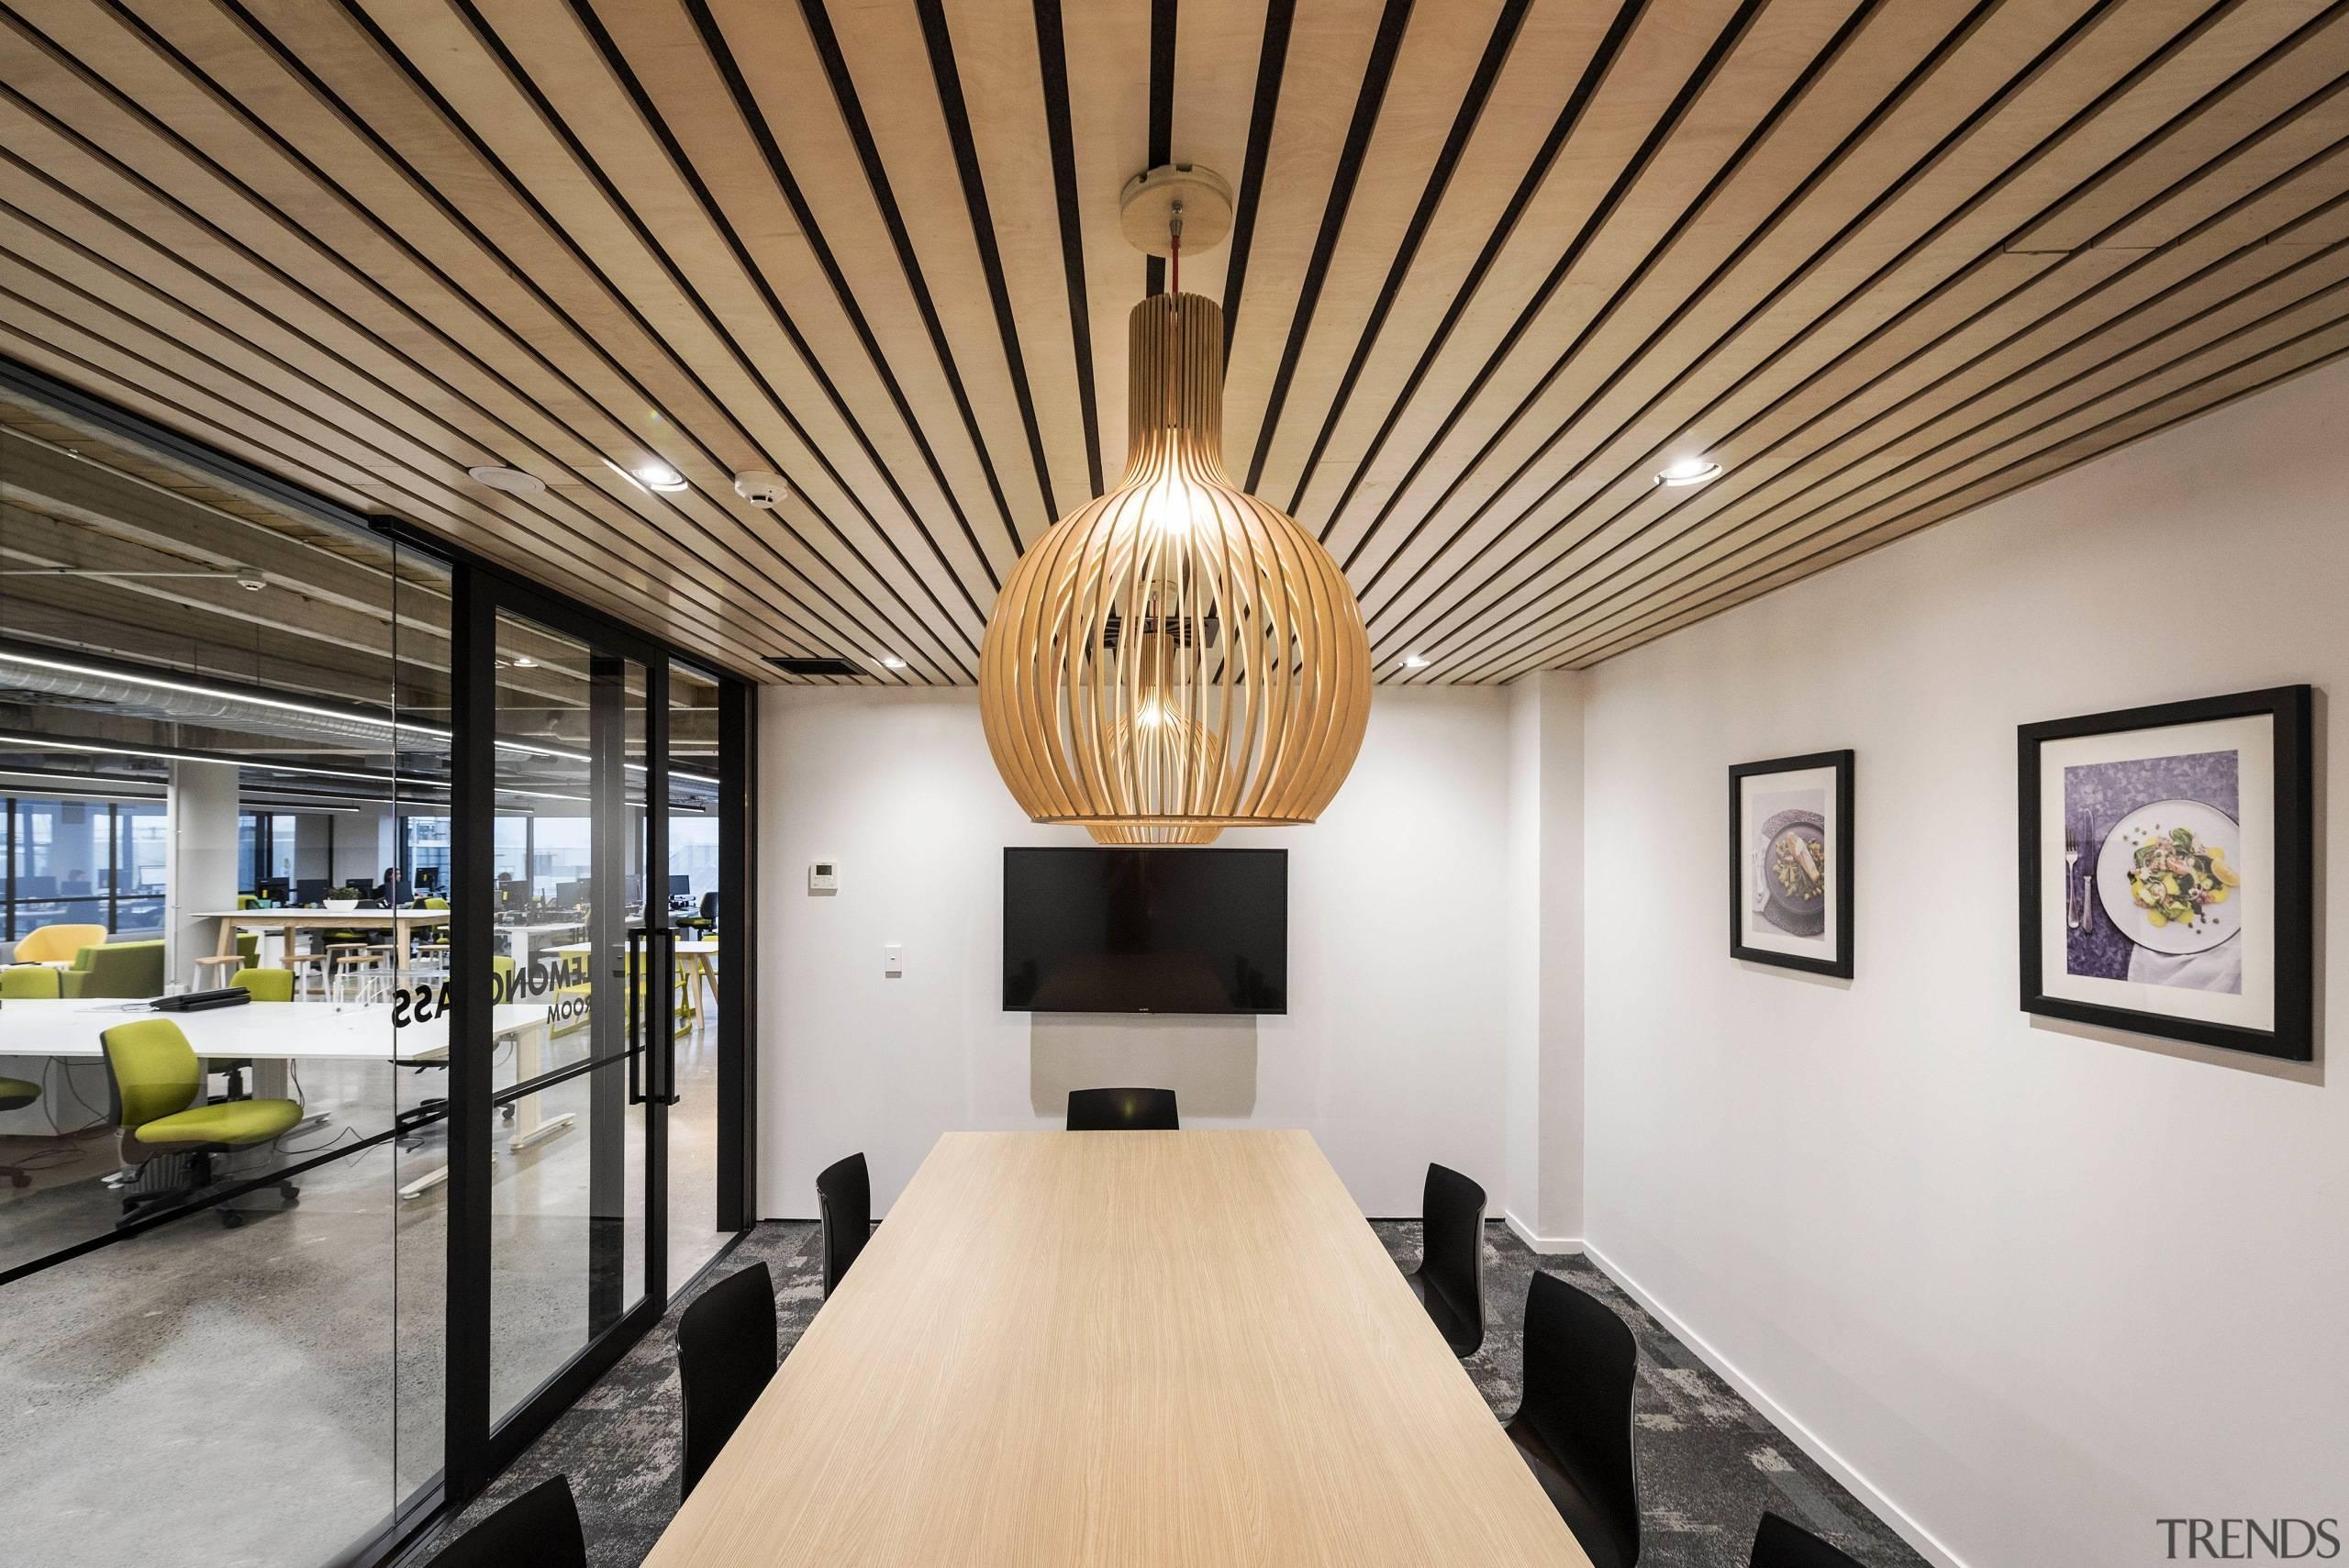 Кубообразный реечный потолок: цена himmel, дизайн офиса и ламинированный под дерево